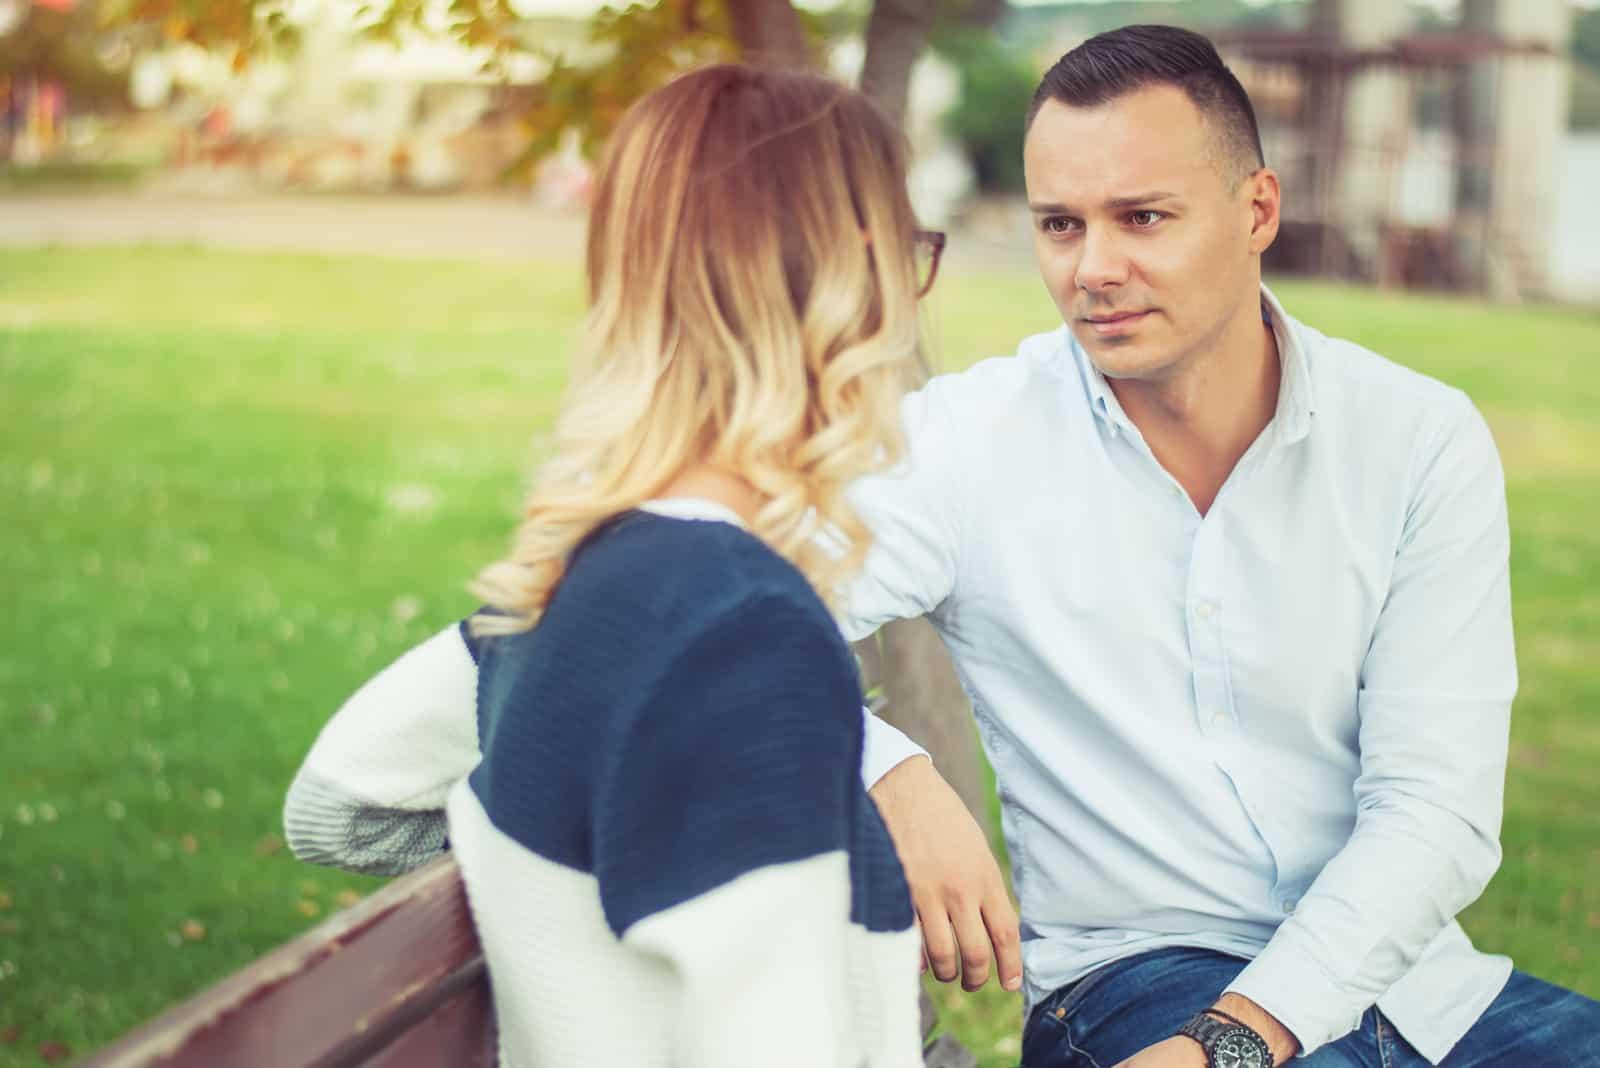 Couple parlant à l'extérieur dans un parc